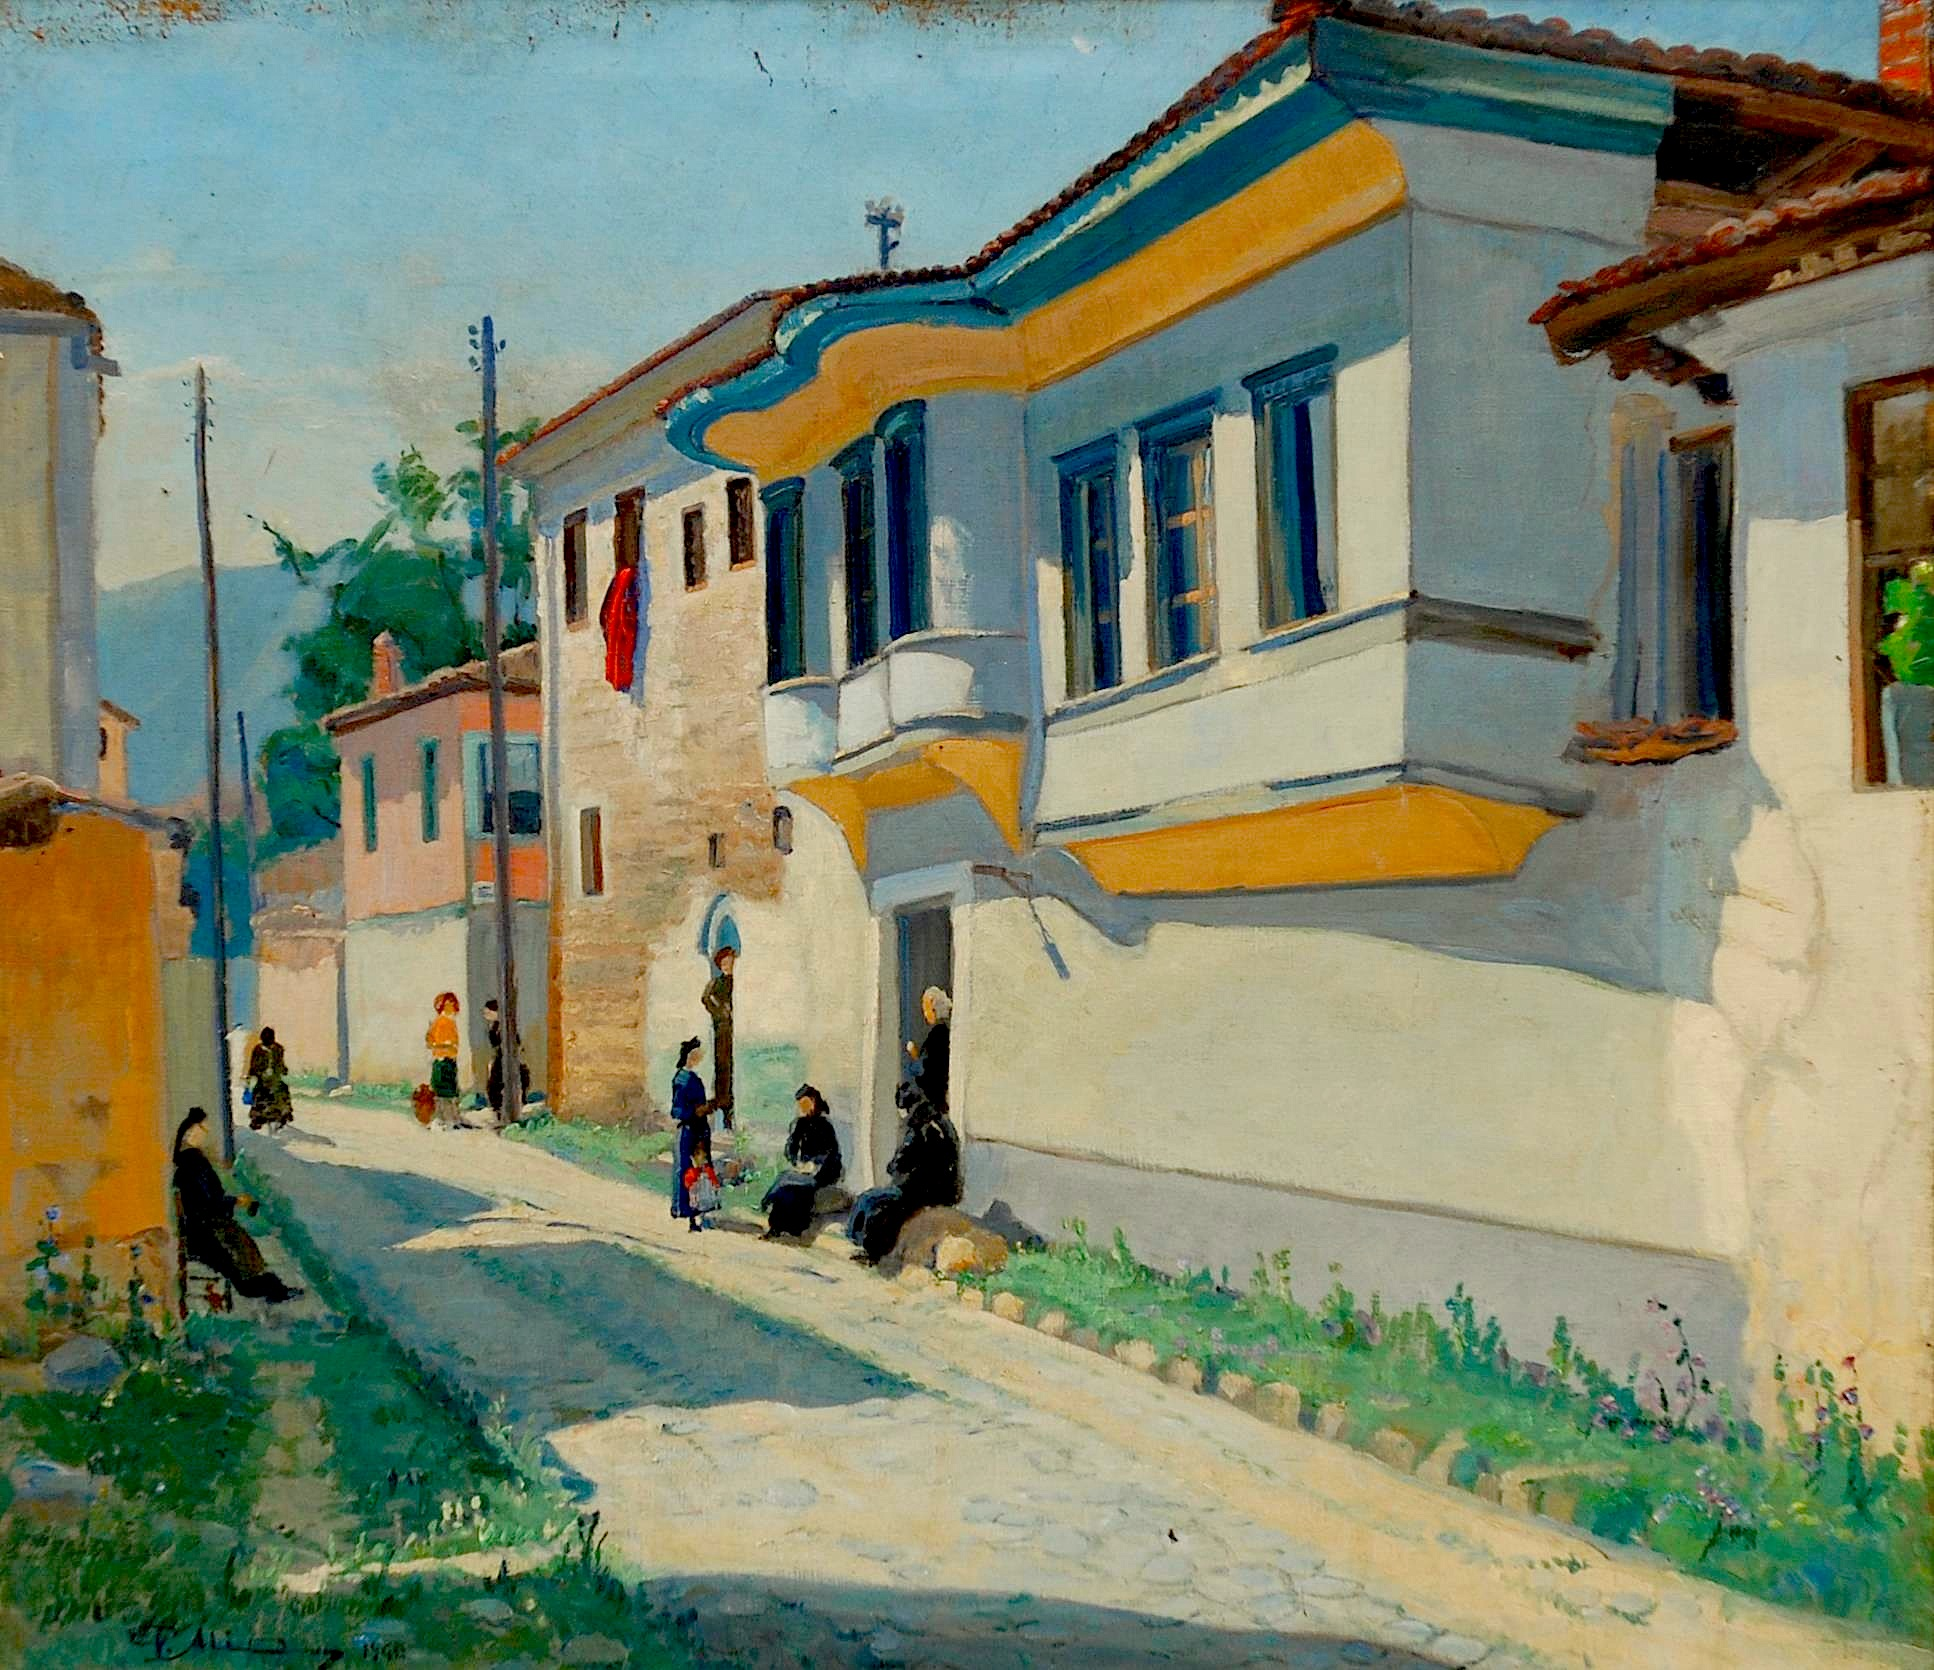 Vangjush Mio, - piktori i parë profesionist në Shqipërinë e shekullit XX  Suzana Varvarica Kuka   Radi and Radi